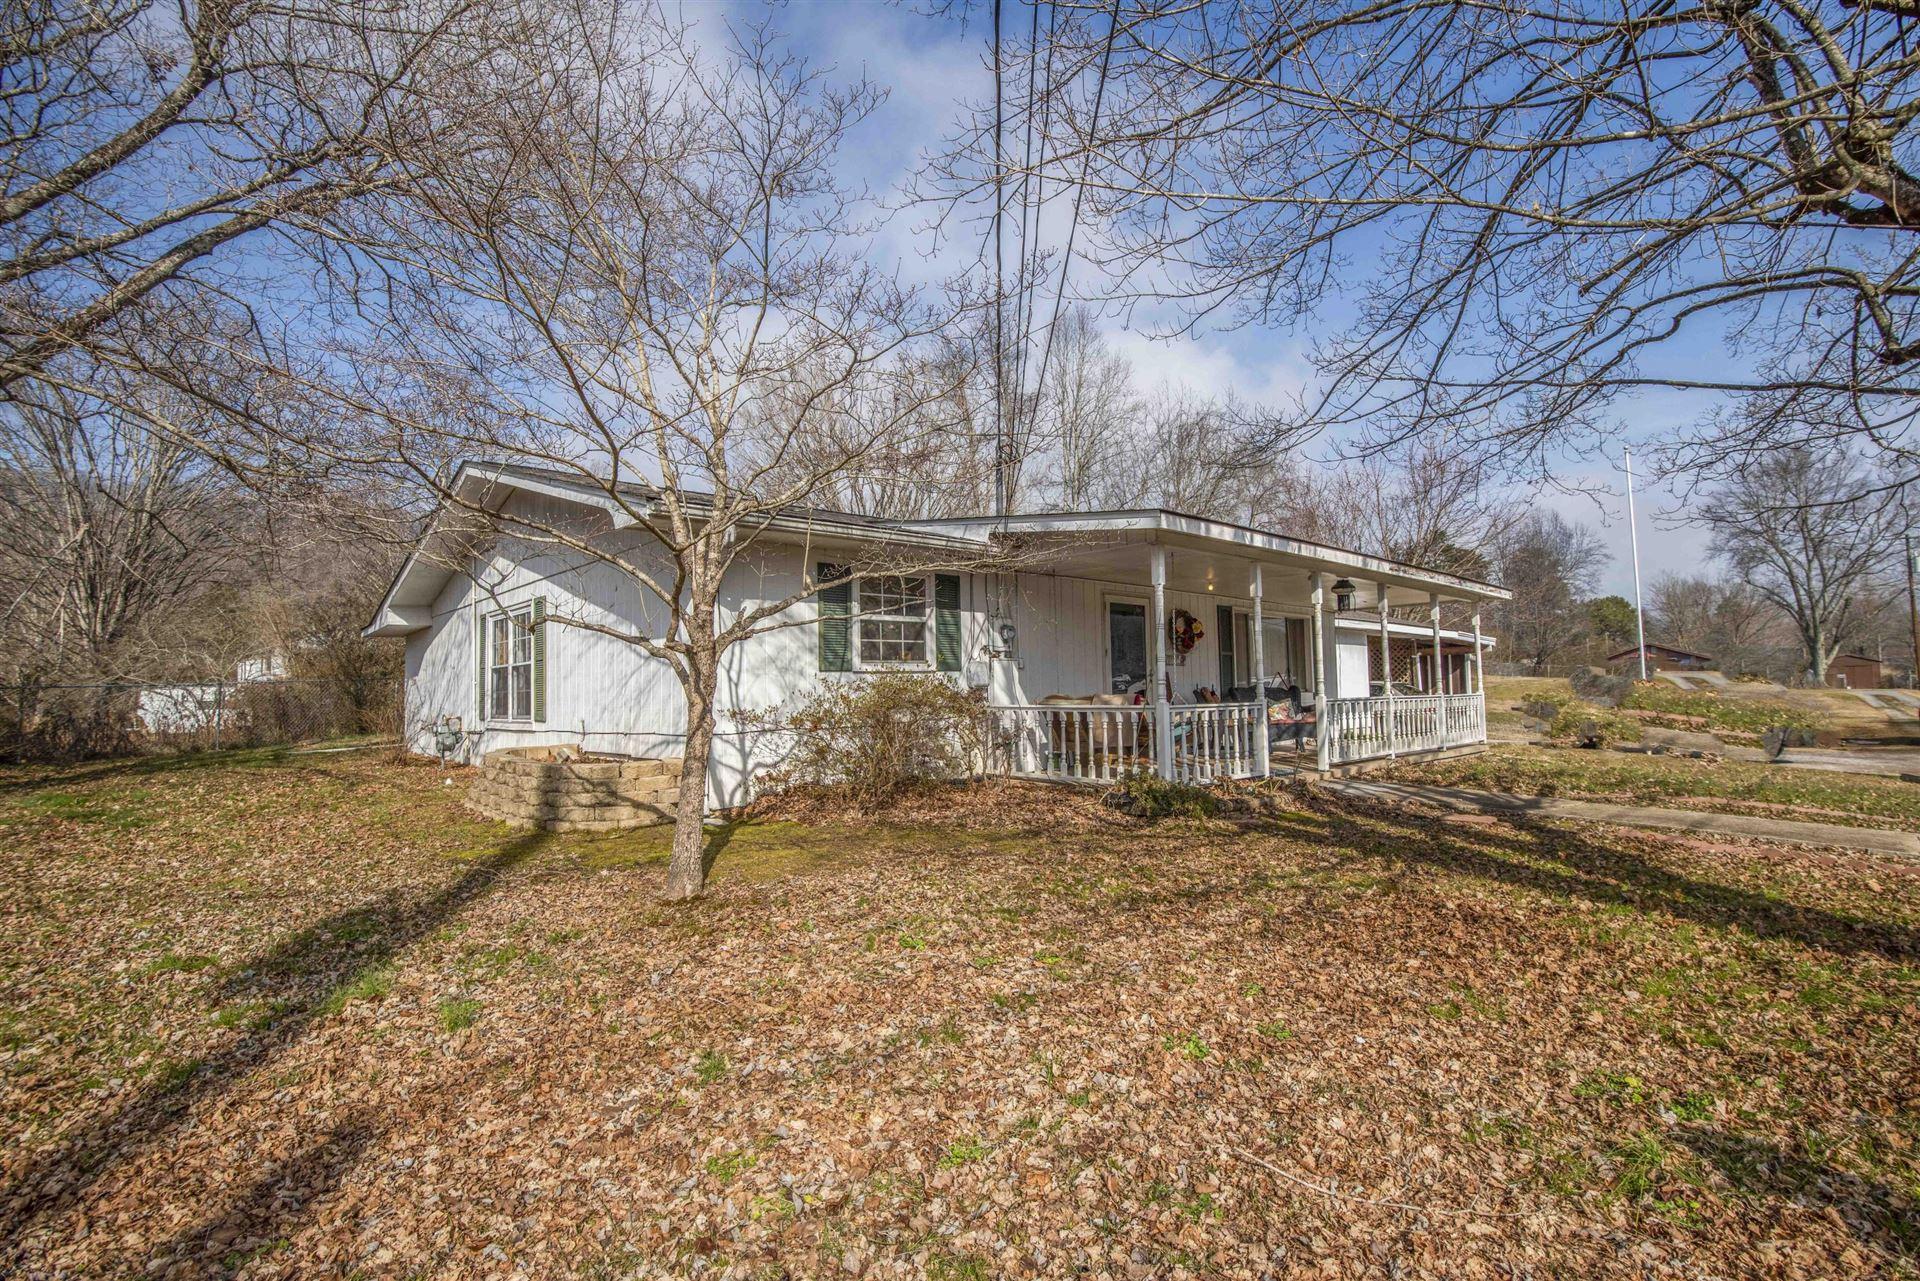 Photo of 2382 Mynatt Rd, Knoxville, TN 37918 (MLS # 1140177)